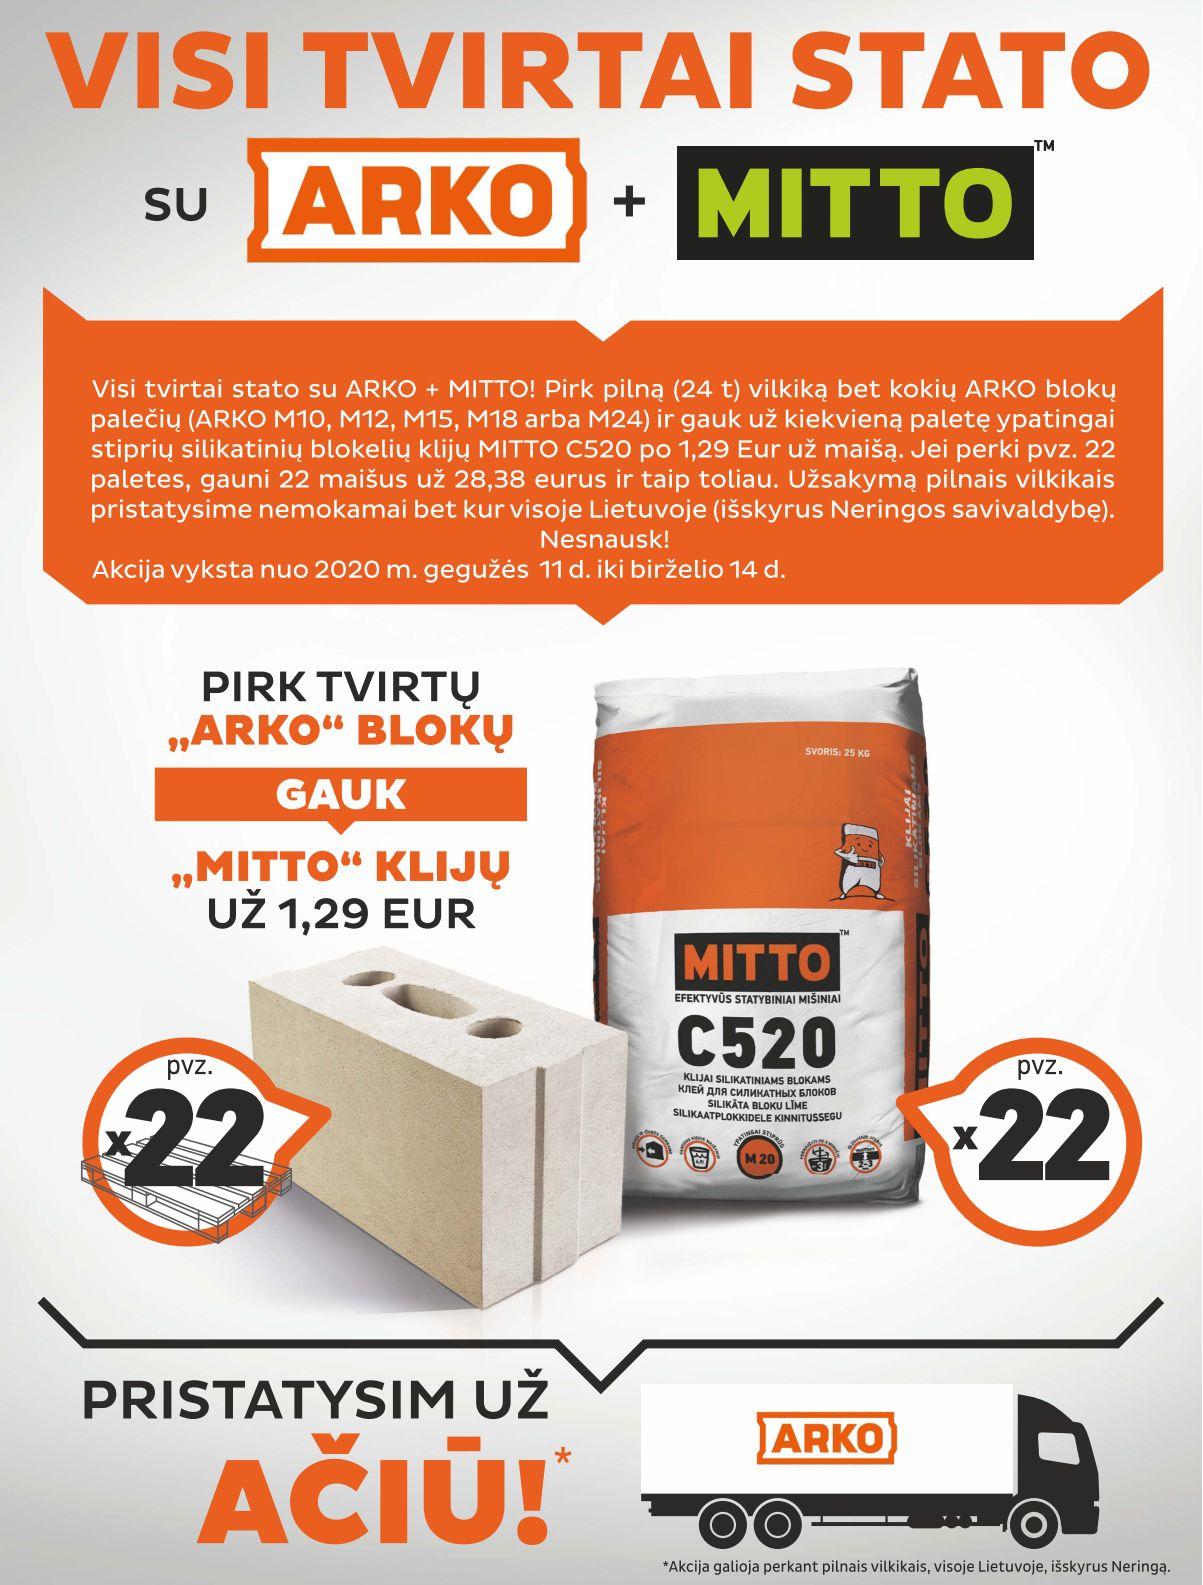 Arko+Mitto